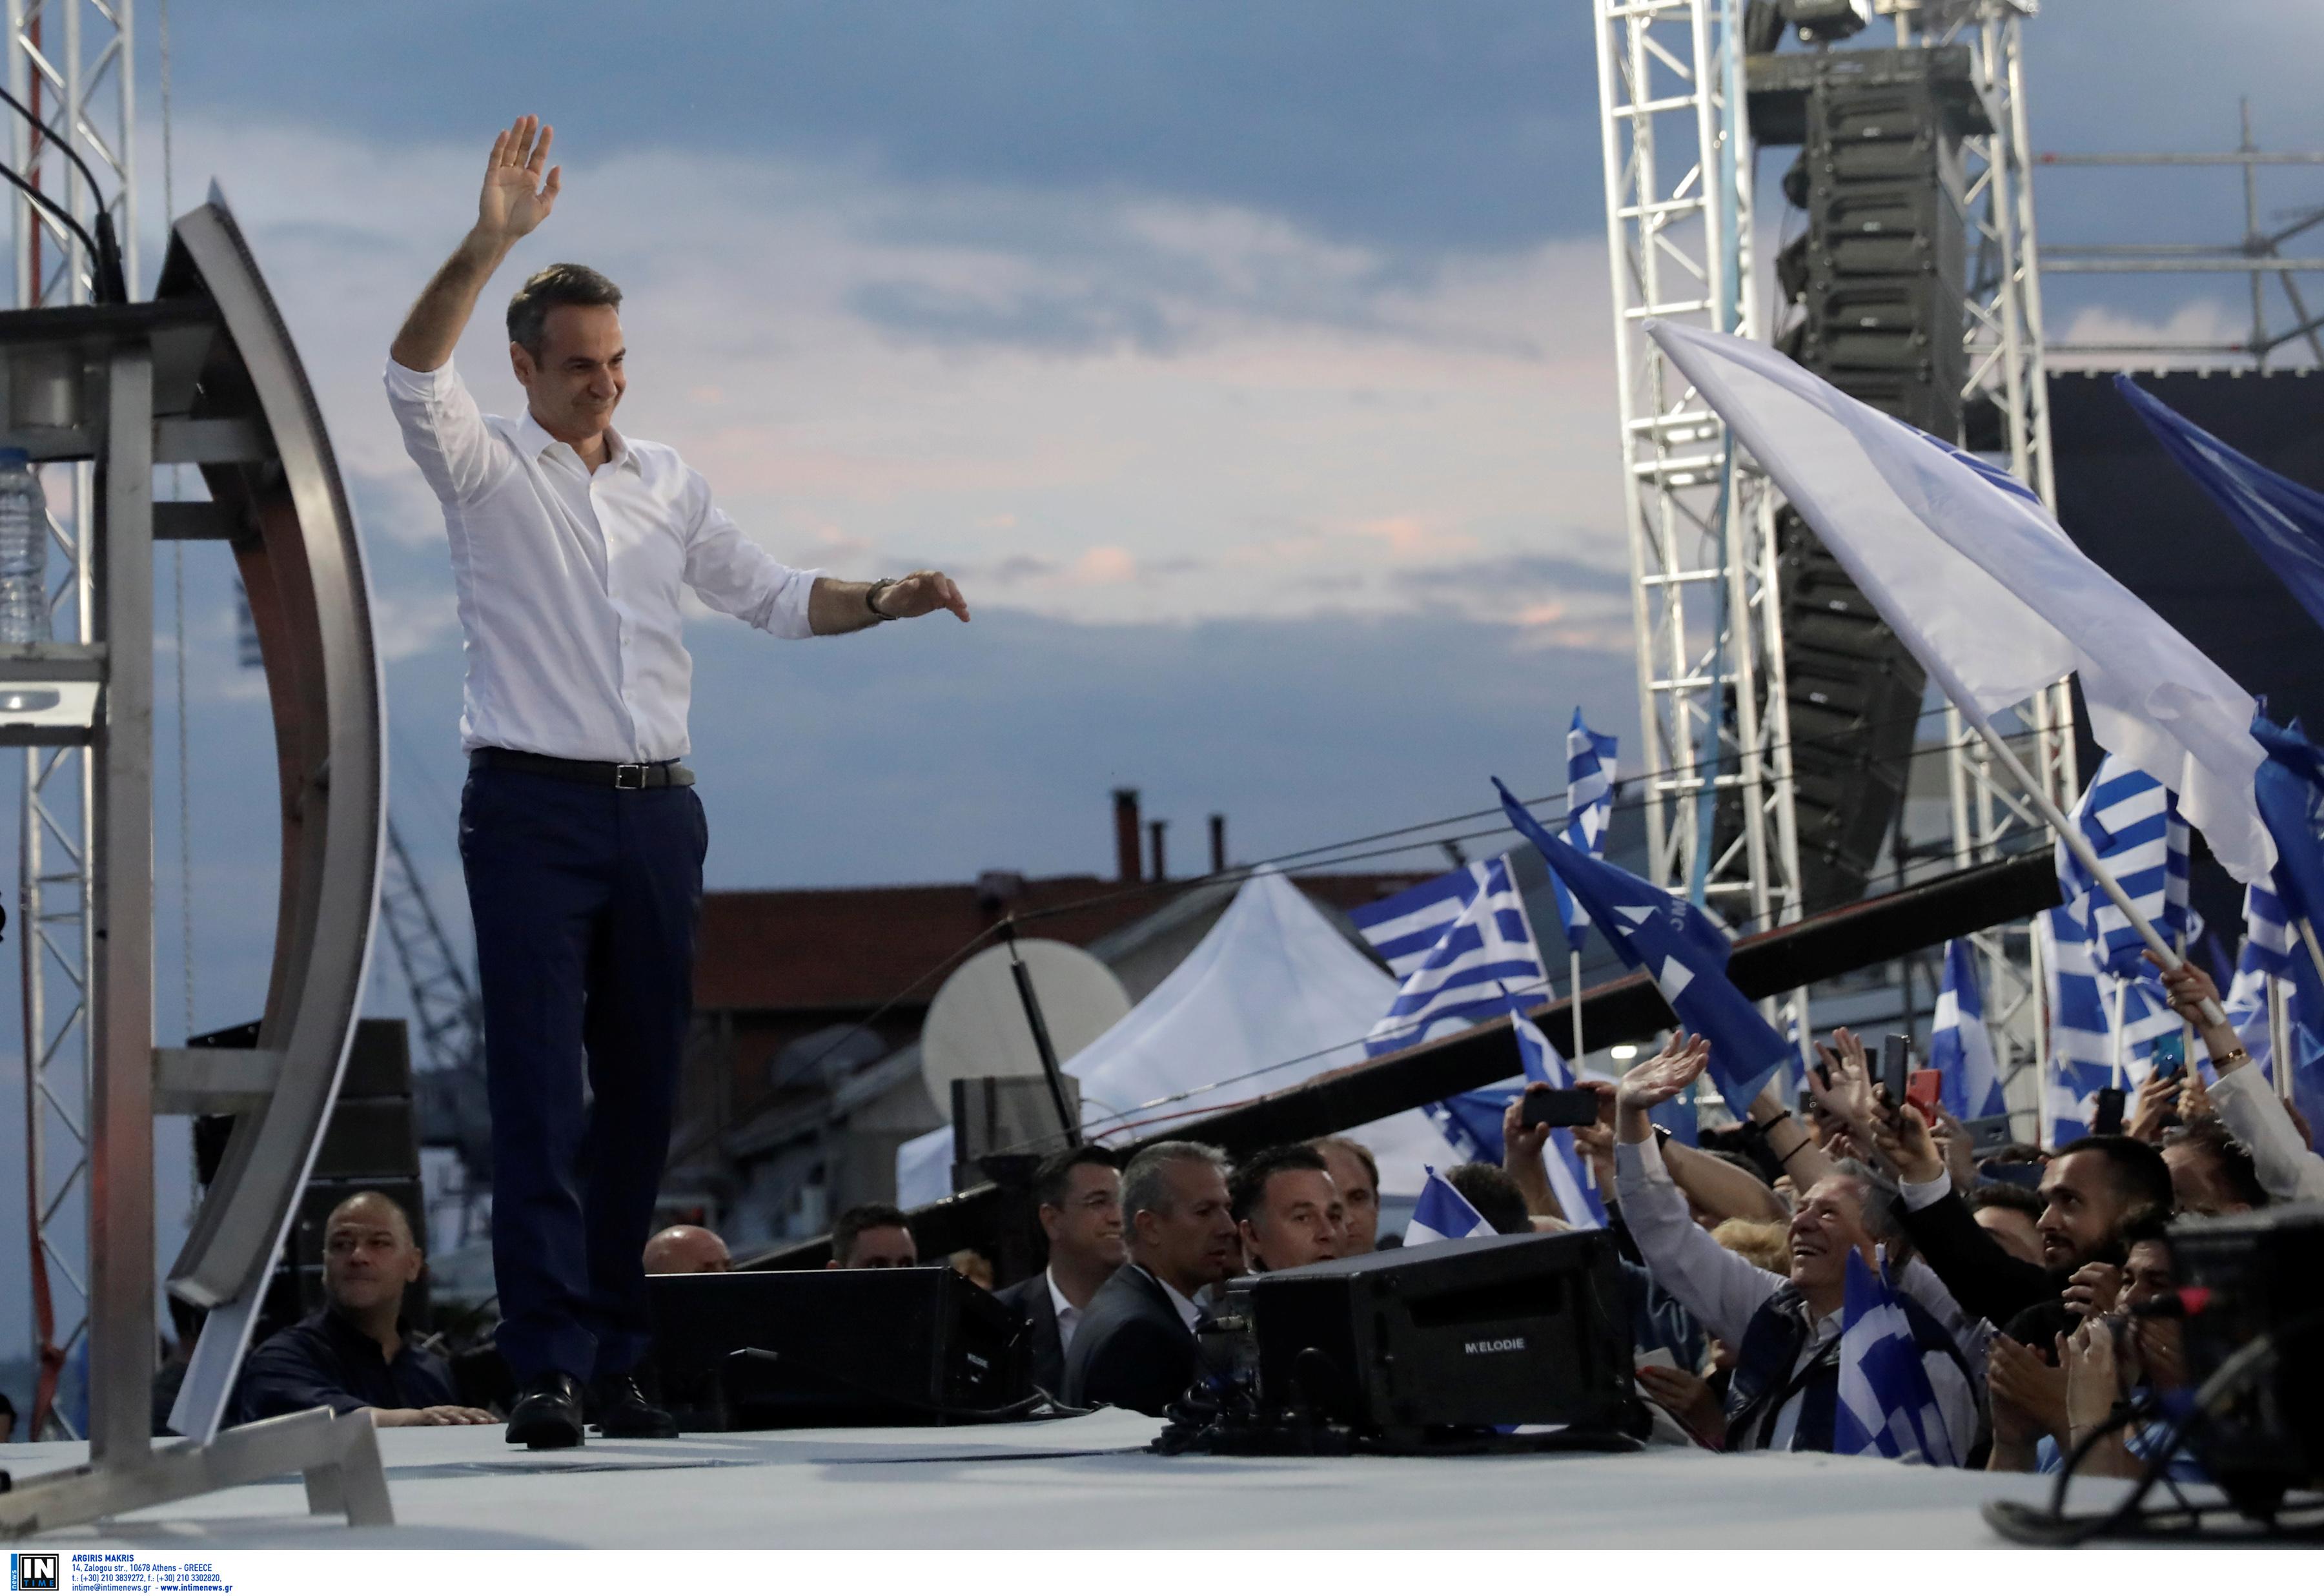 Ο Μητσοτάκης ανεβαίνει στο βήμα και χαιρετά τους συγκεντρωθέντες